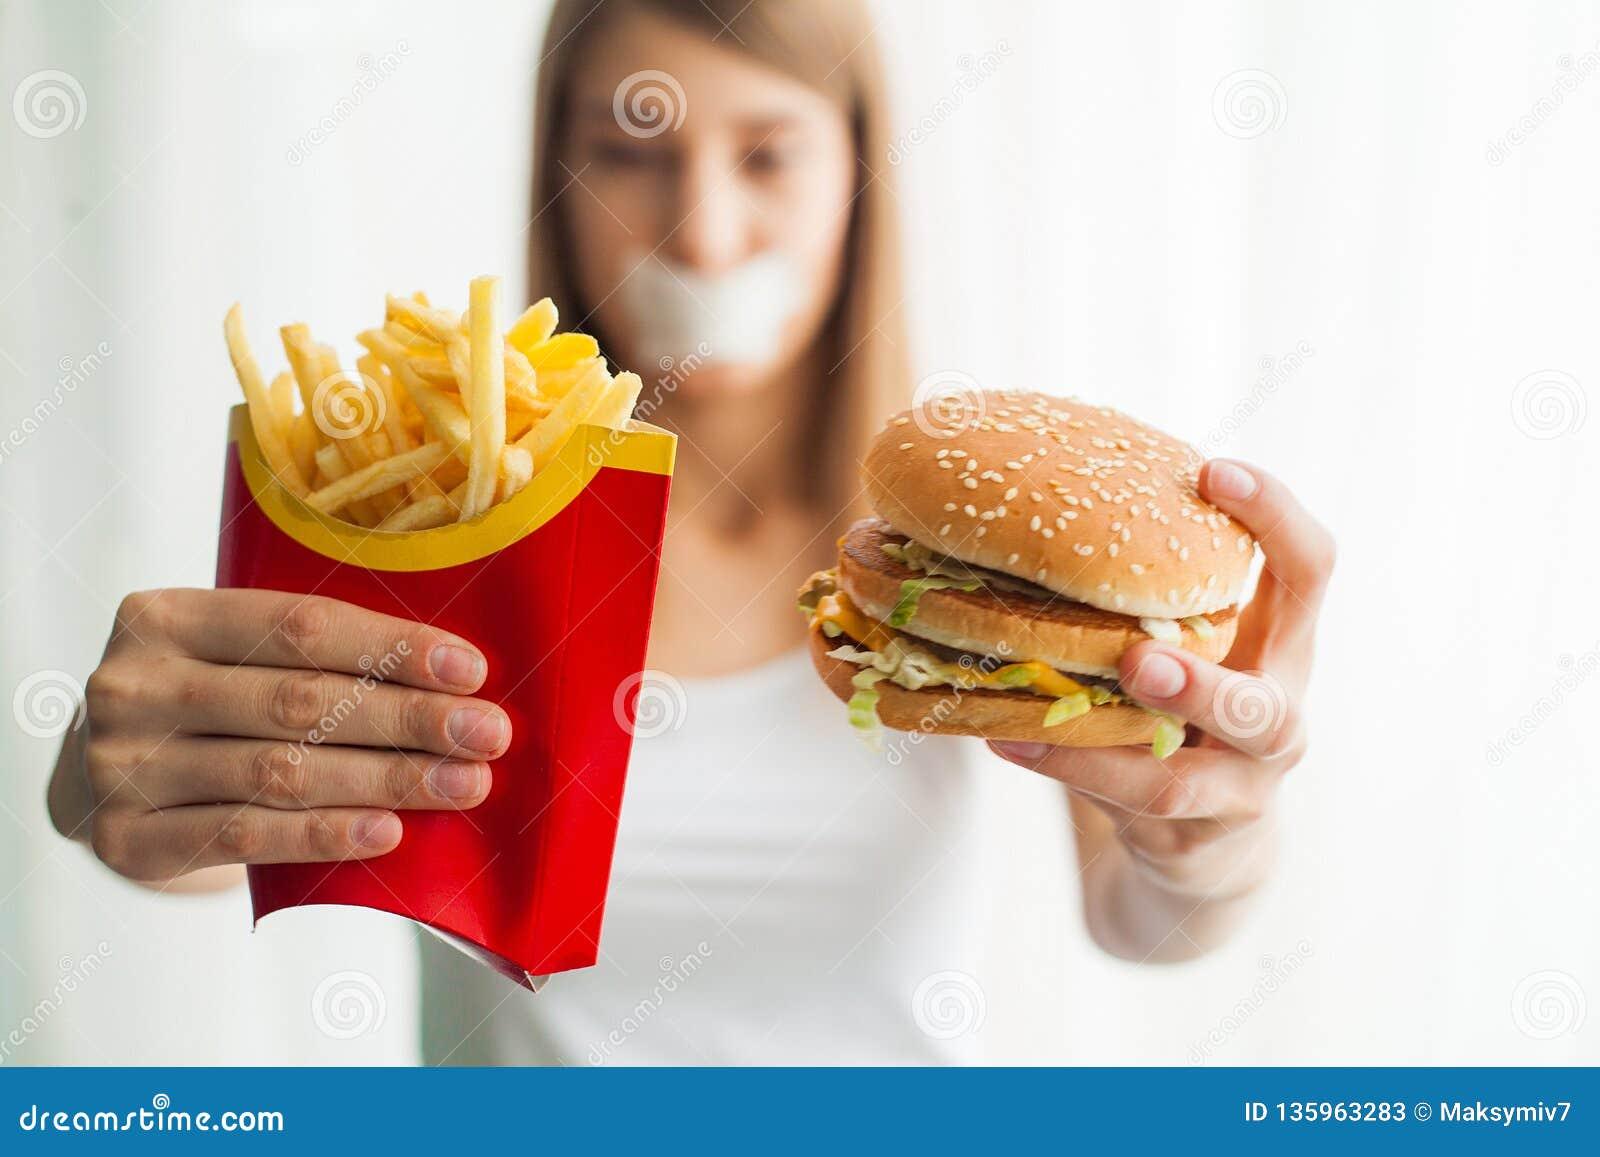 Dieta Jovem mulher com a fita adesiva sobre sua boca, impedindo a para comer a comida lixo Conceito saudável comer